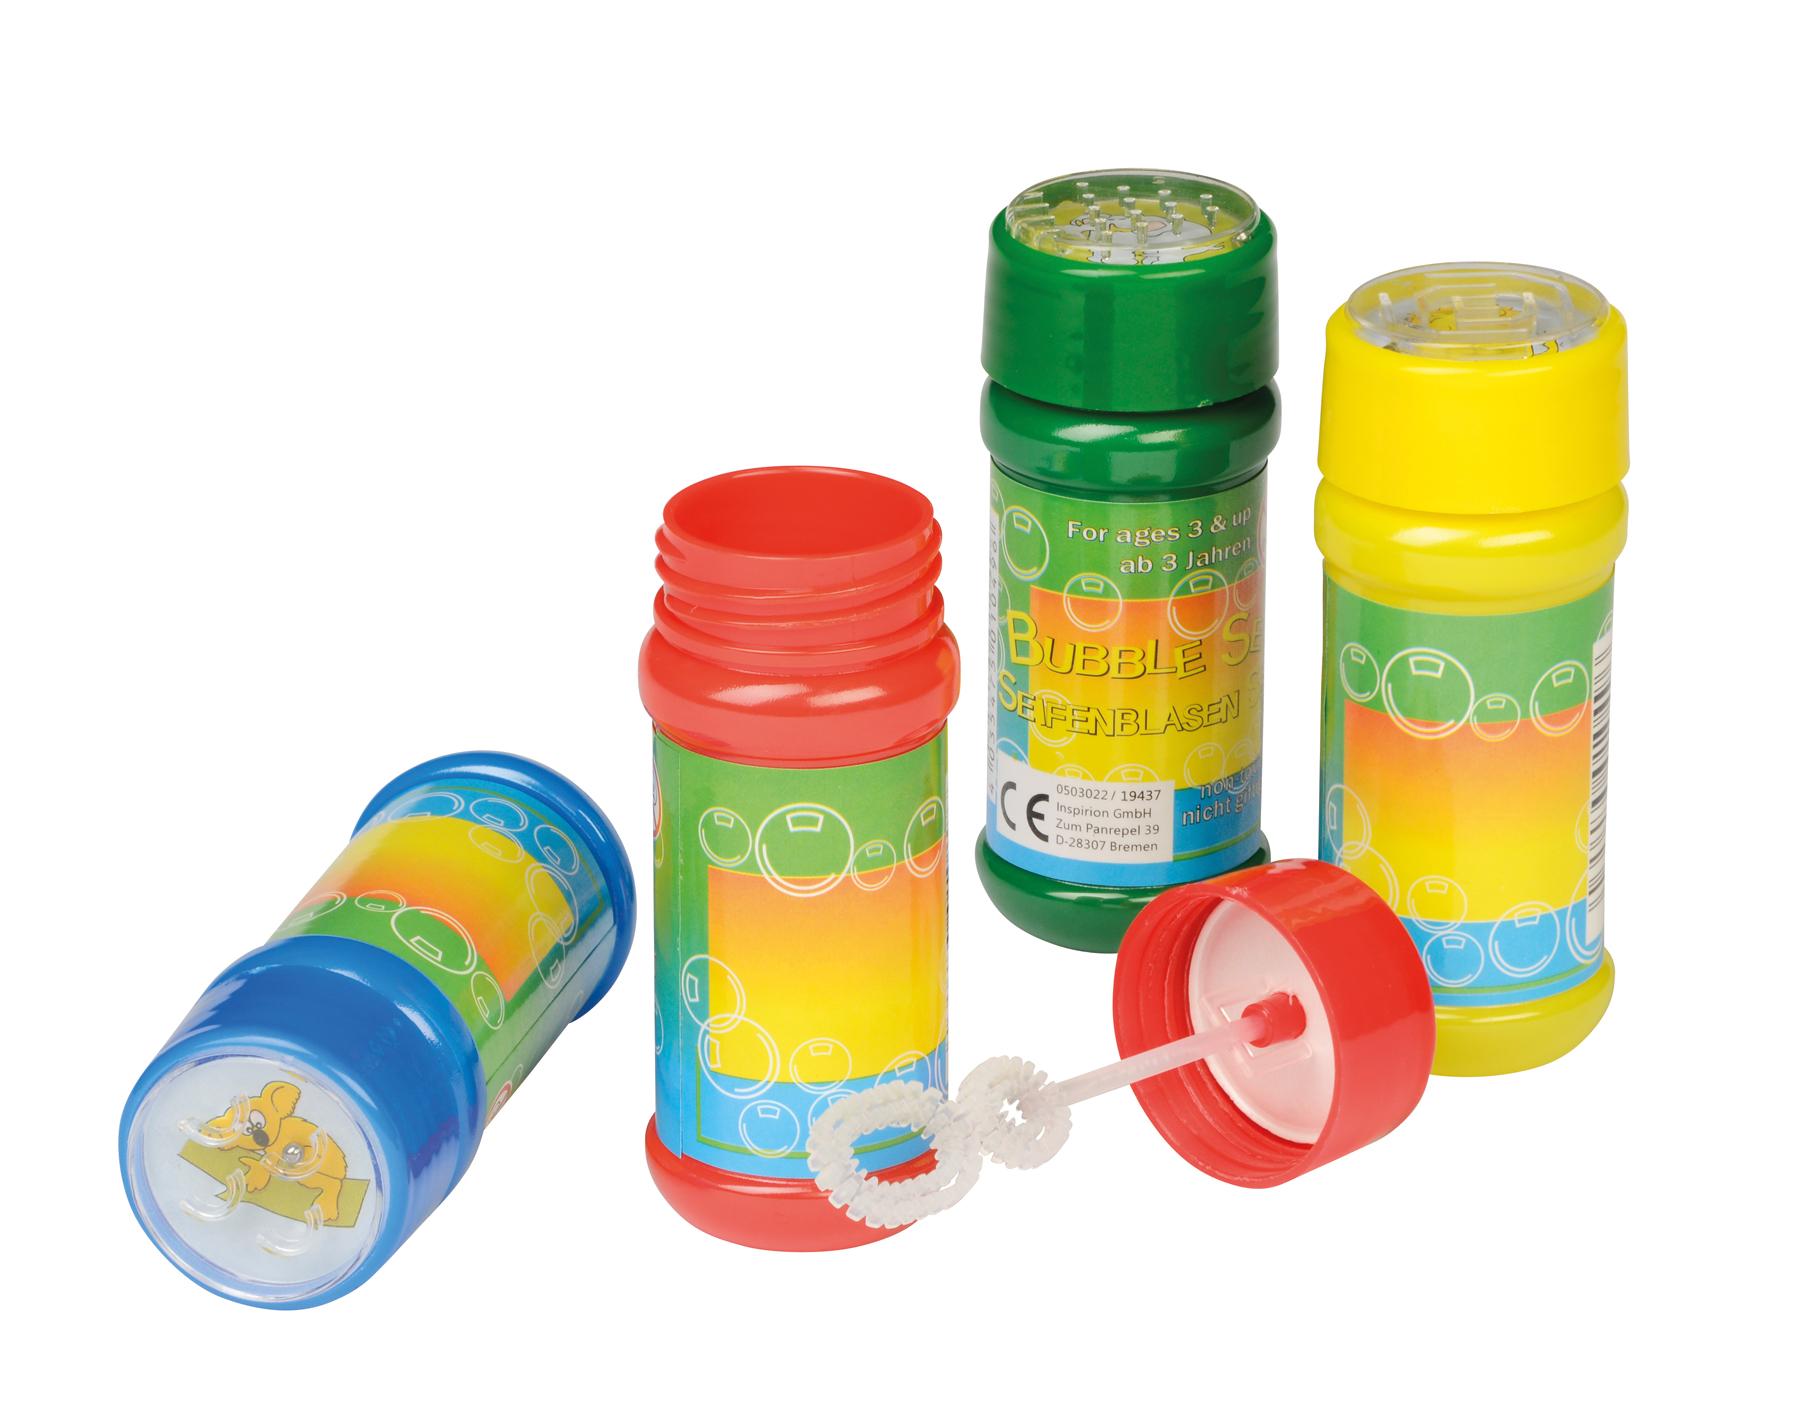 Bańki mydlane AIR BUBBLE, czerwony, niebieski, zielony, żółty